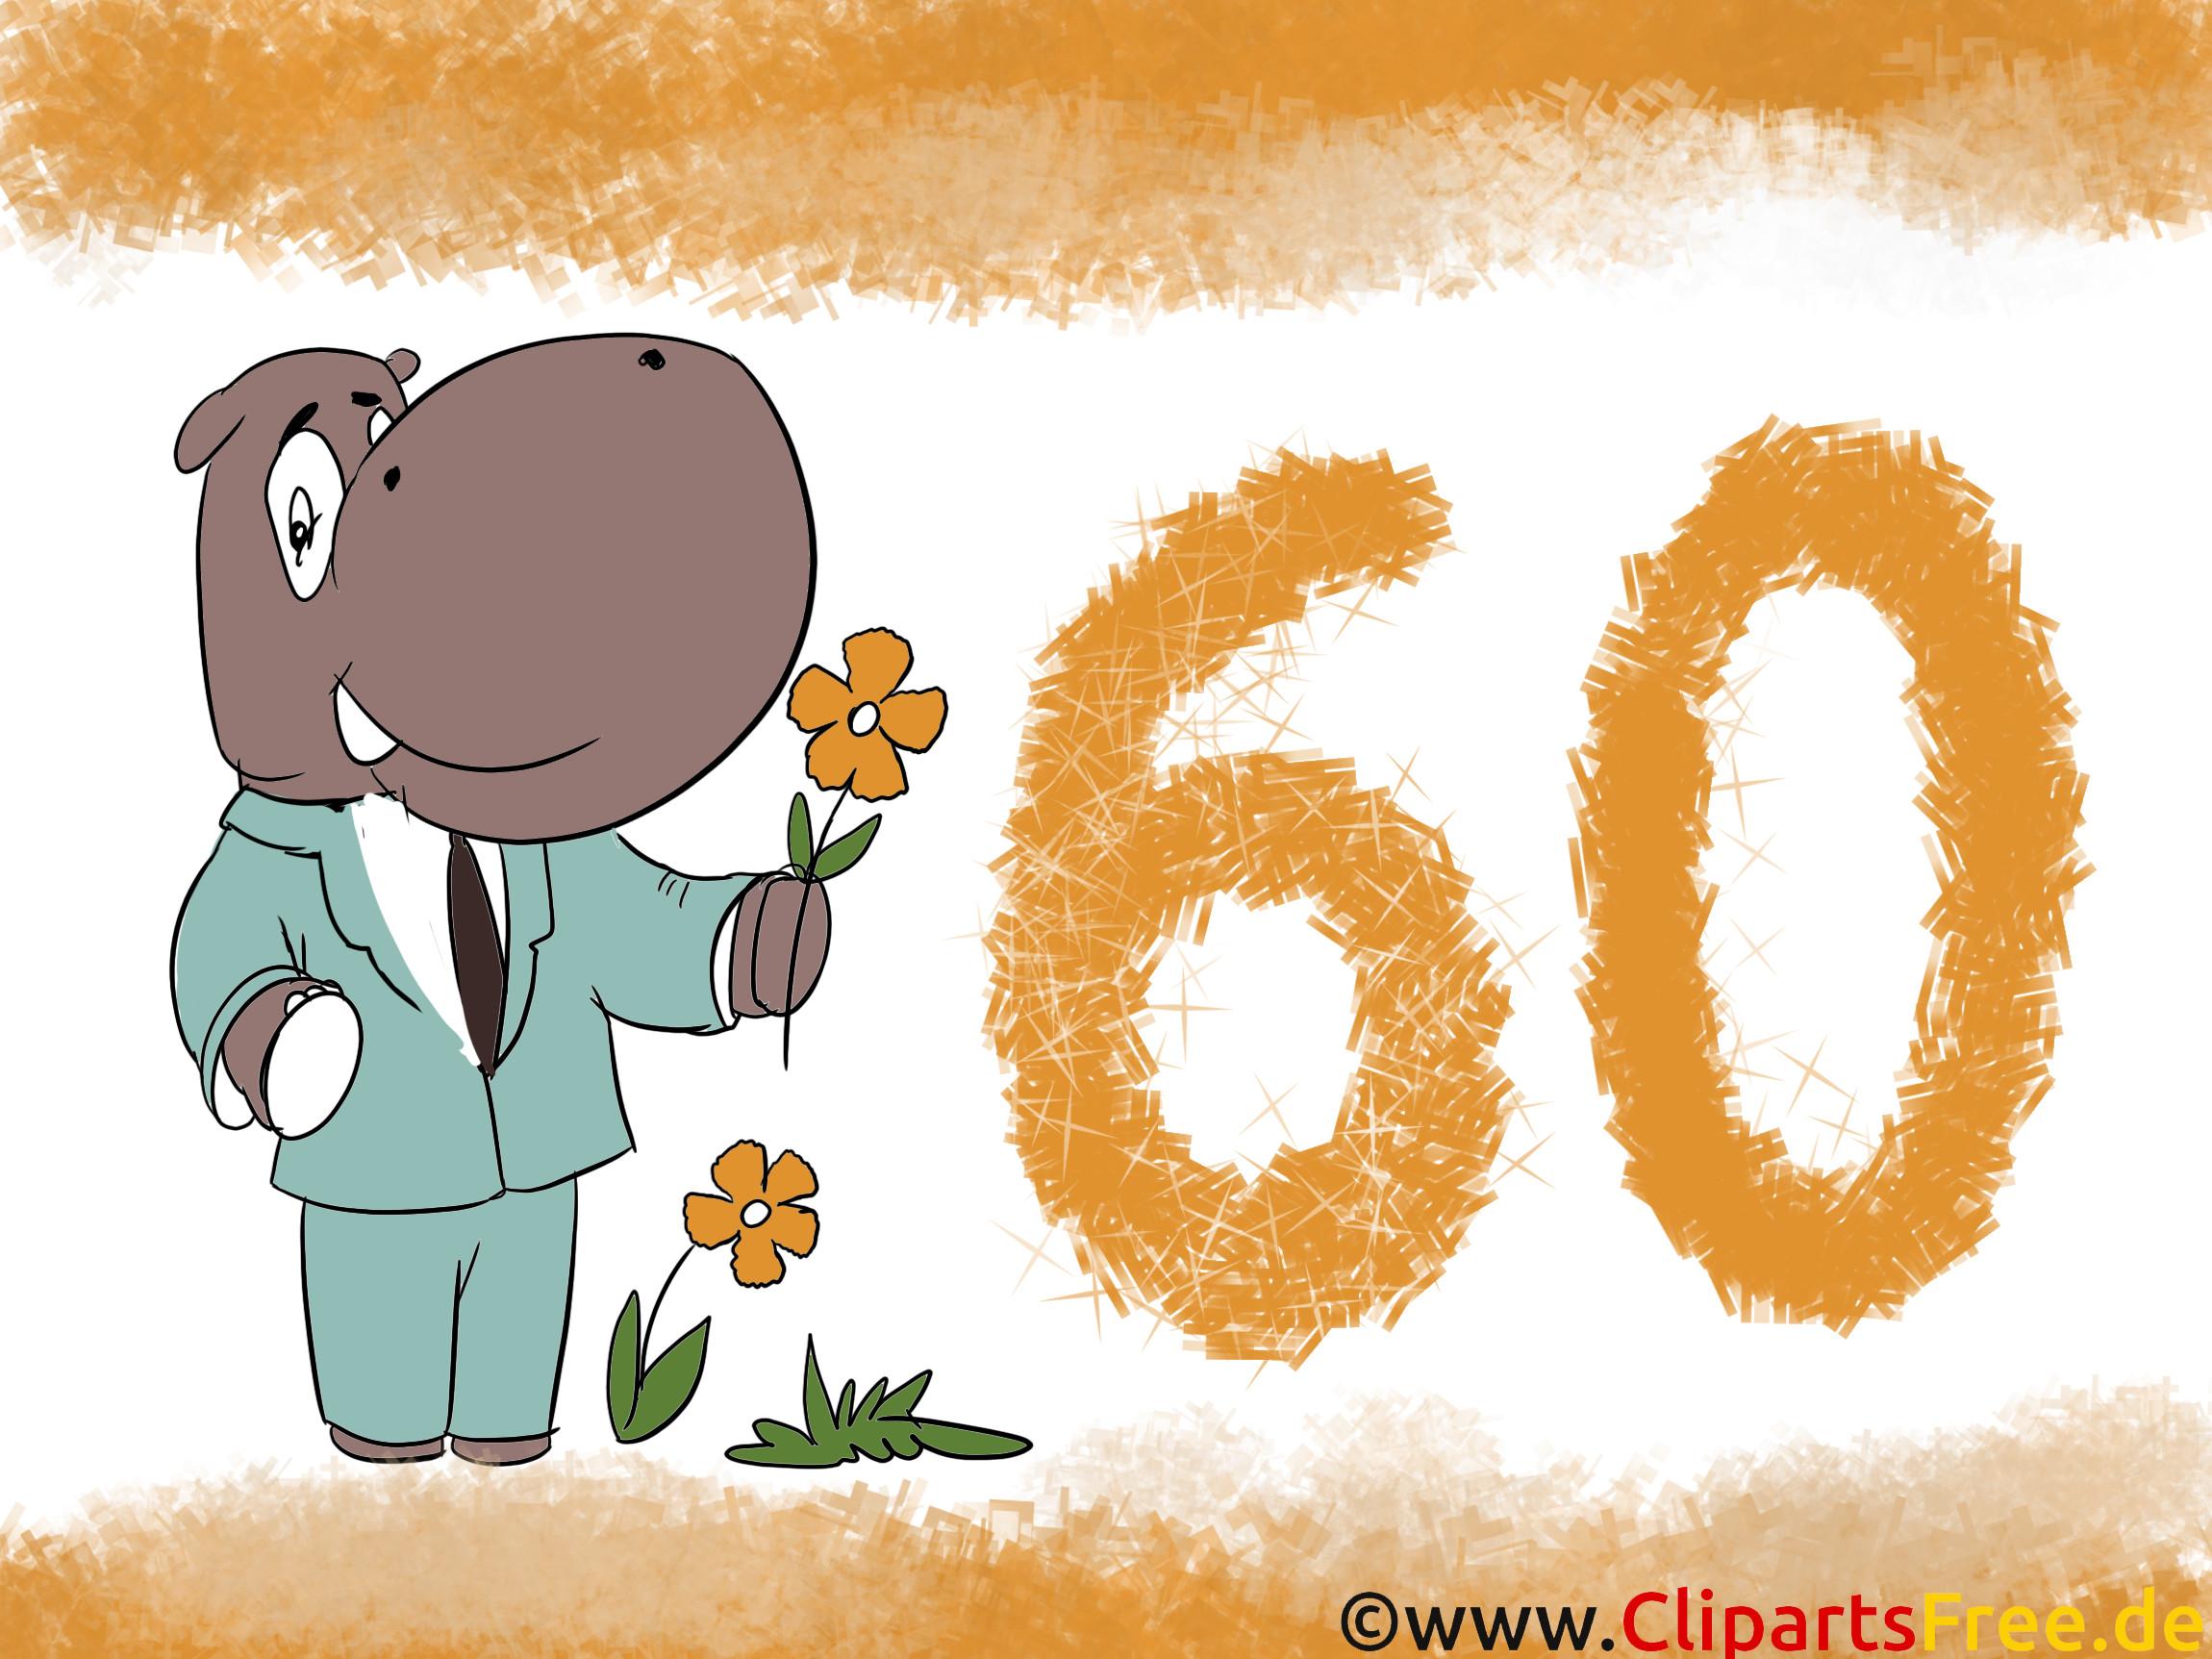 Geburtstagswünsche Zum 60 Geburtstag  Schöne Geburtstagswünsche zum 60 Geburtstag